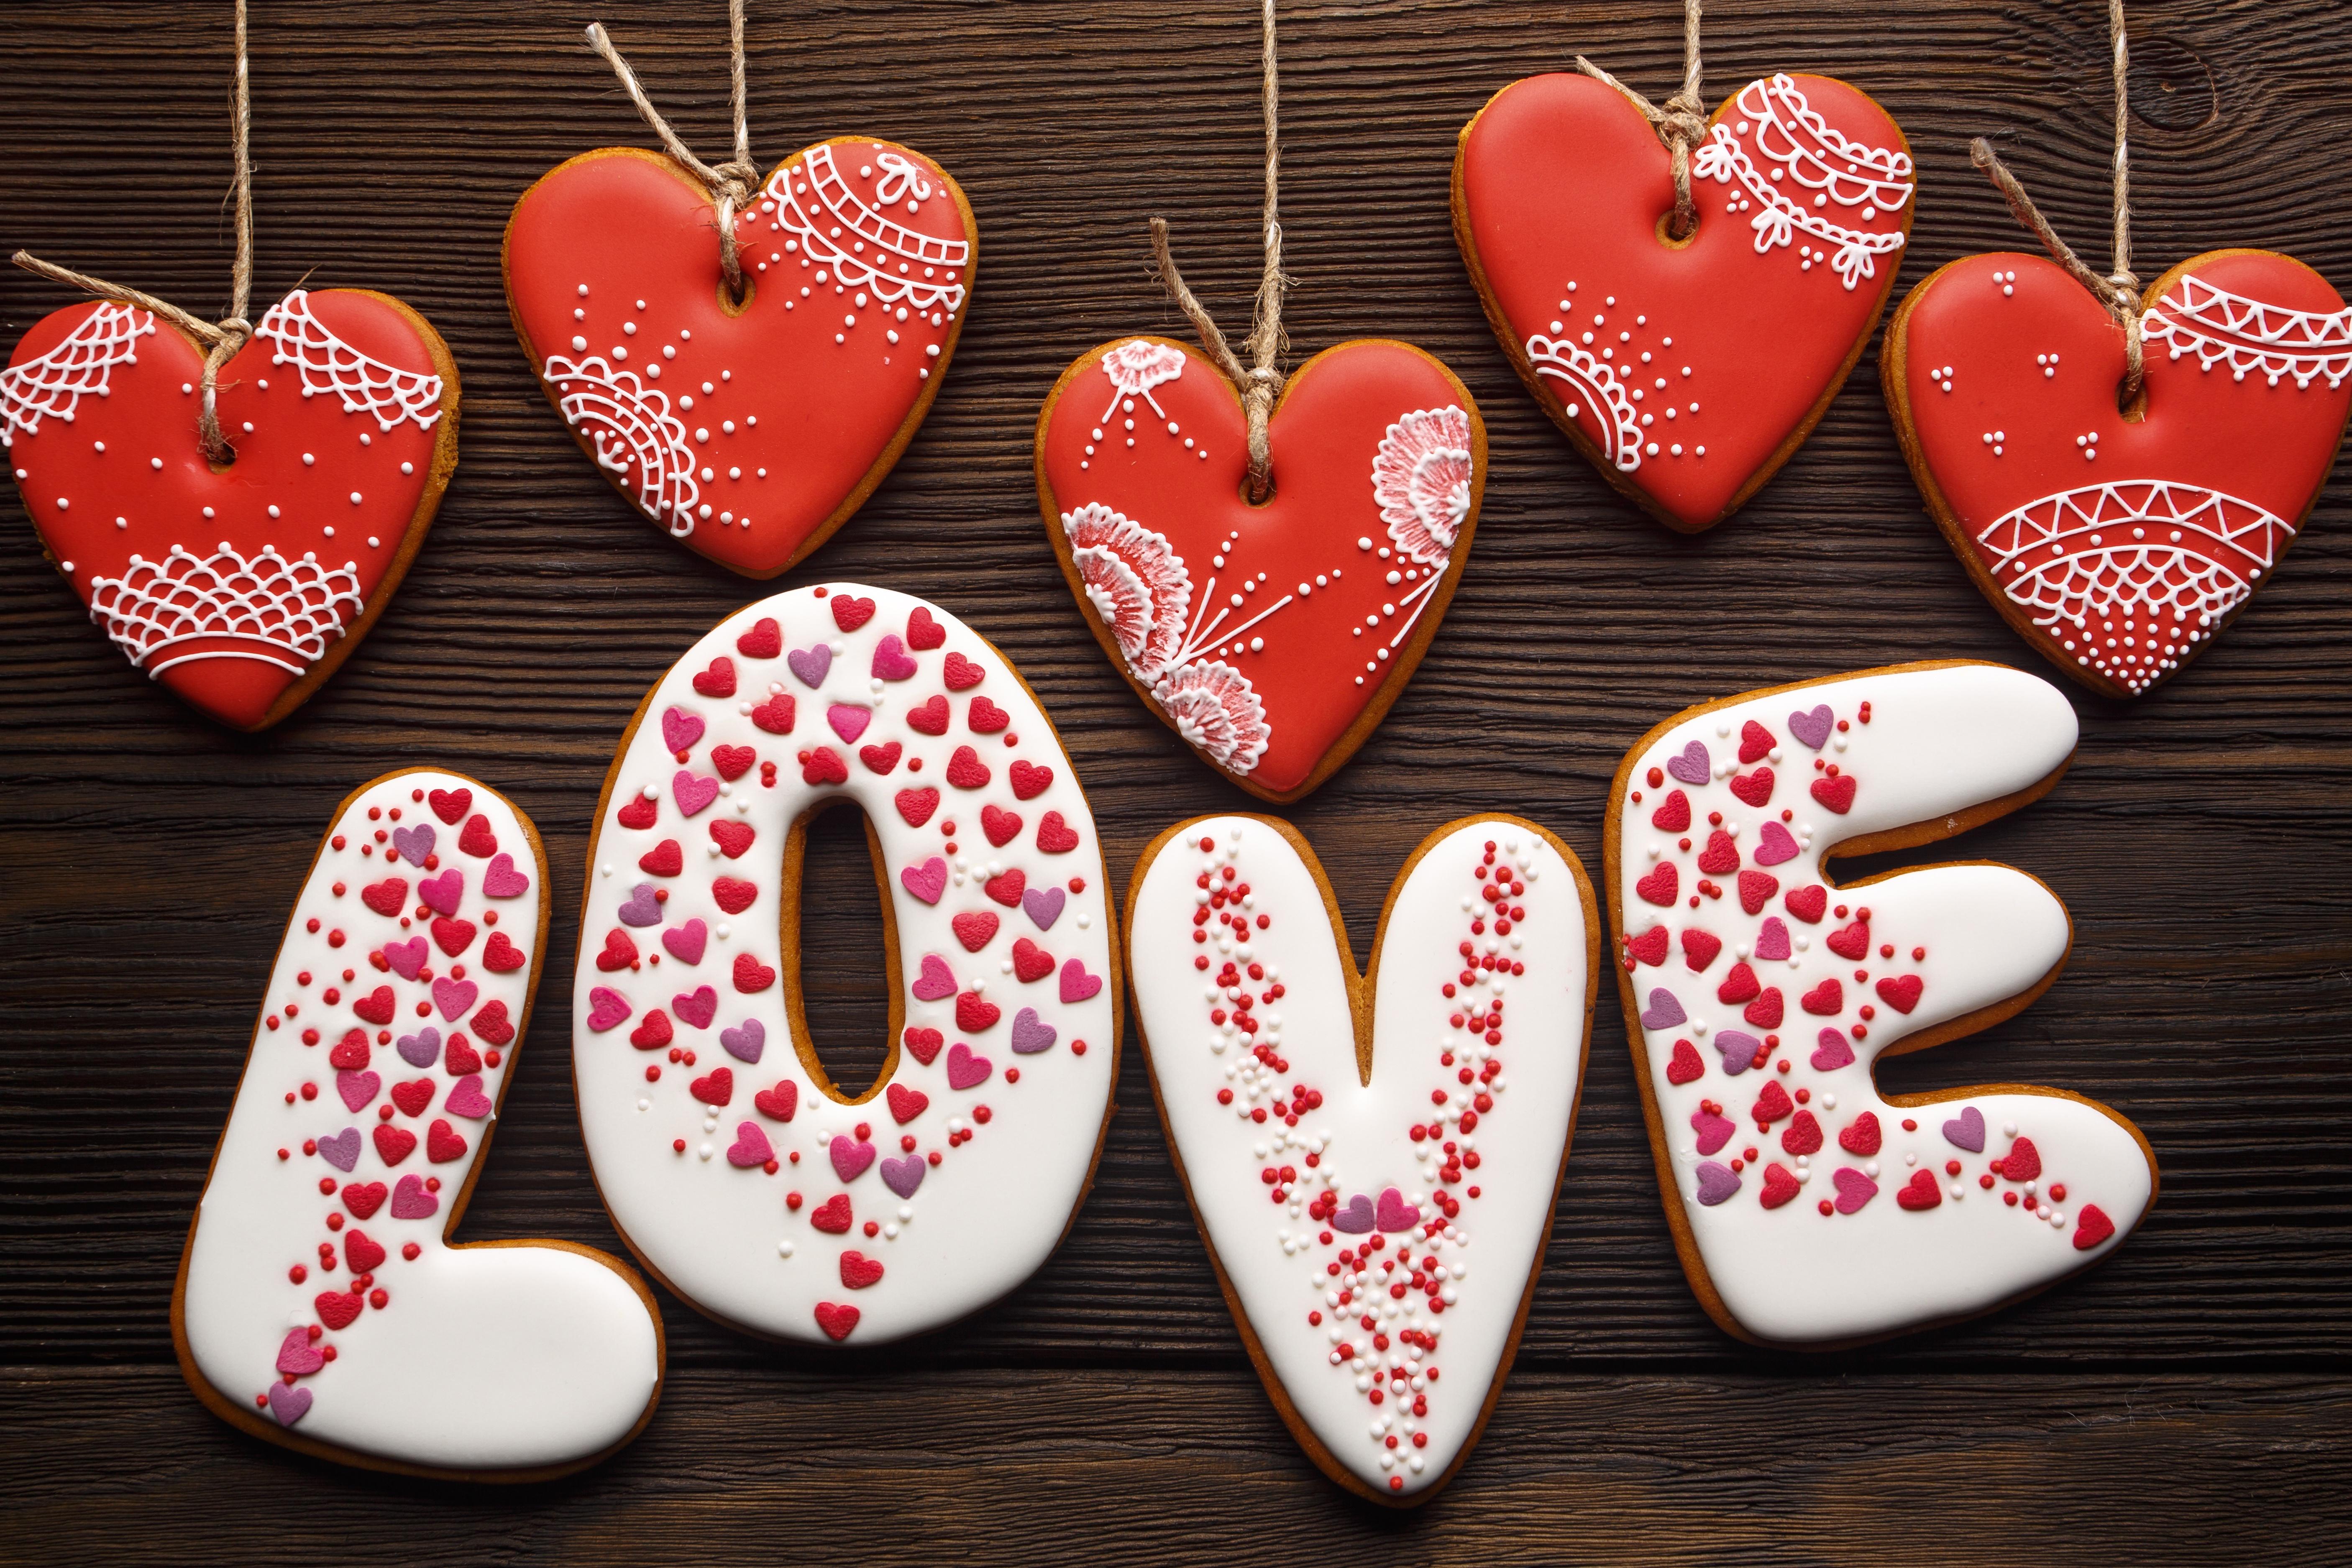 Картинки на телефон любов